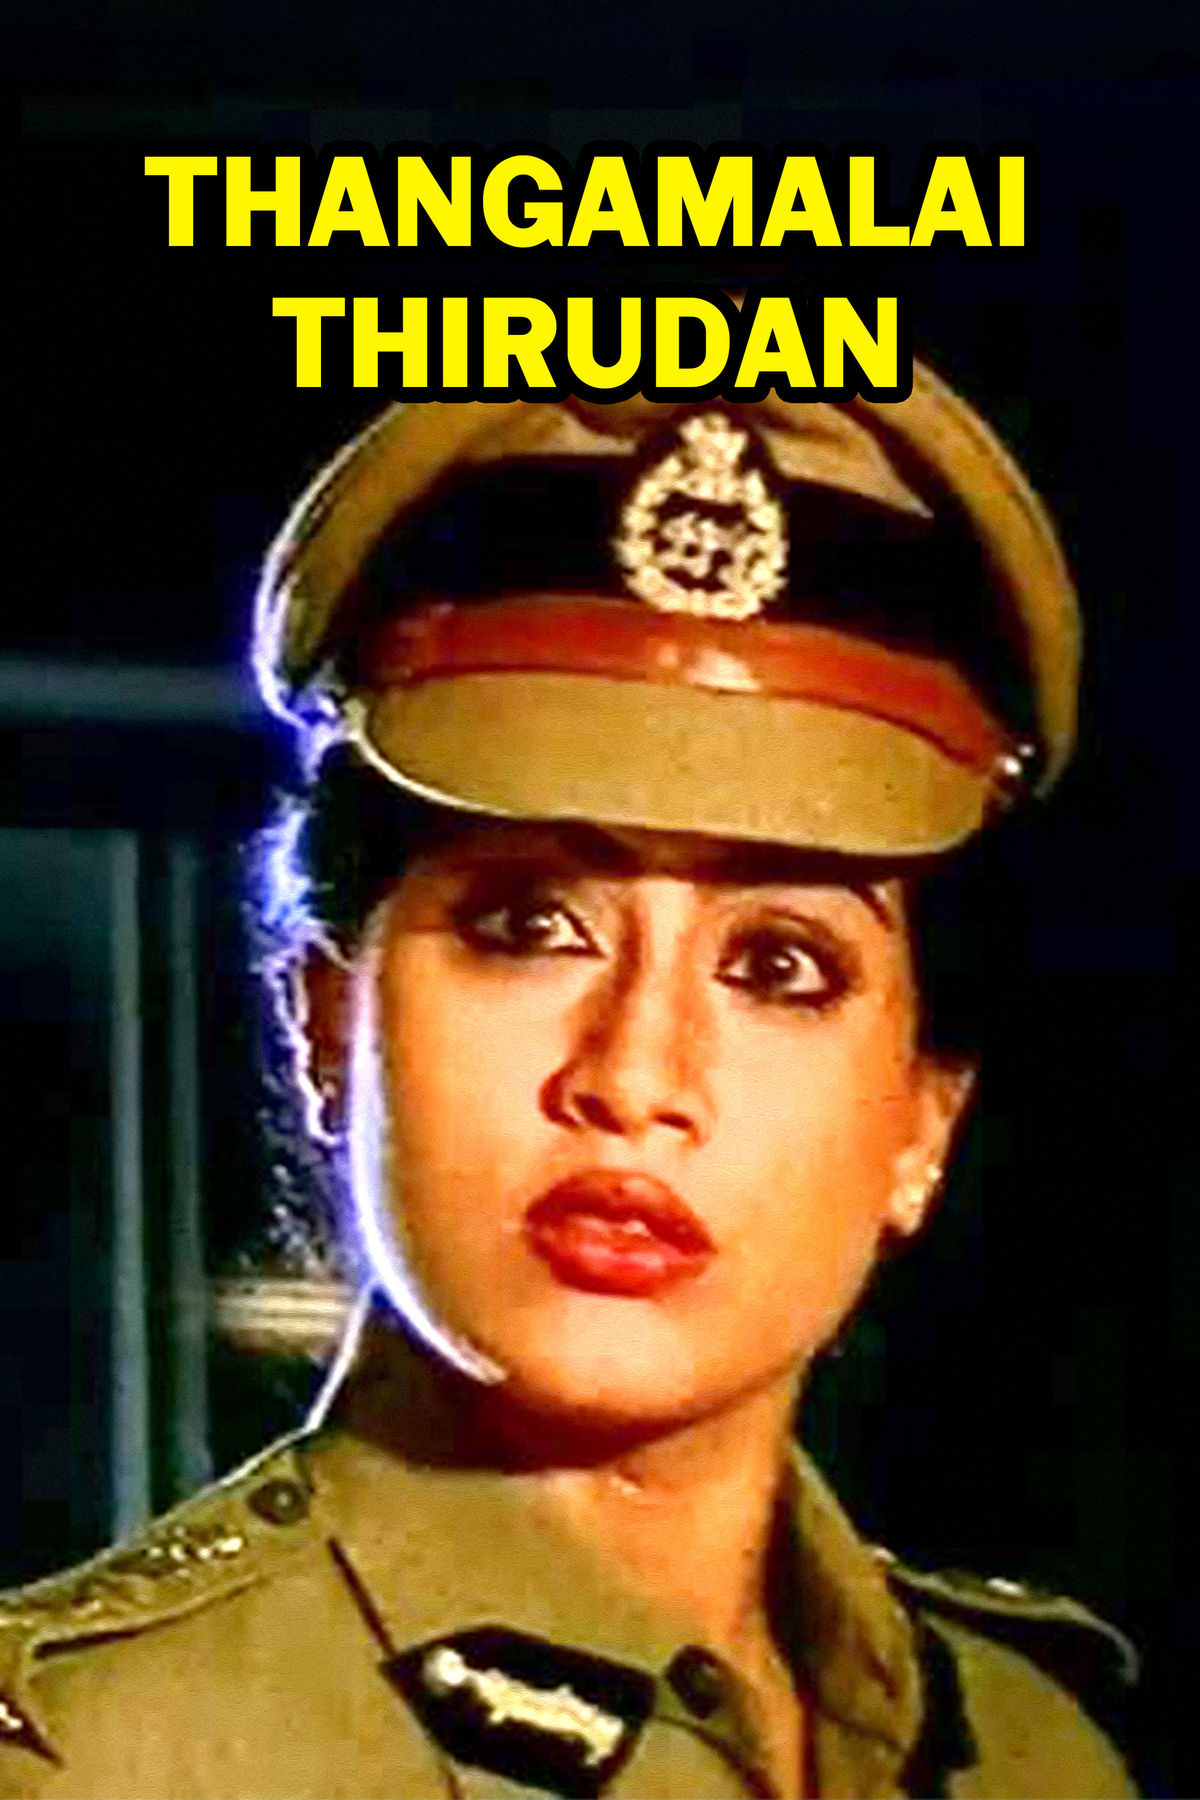 Thangamalai Thirudan